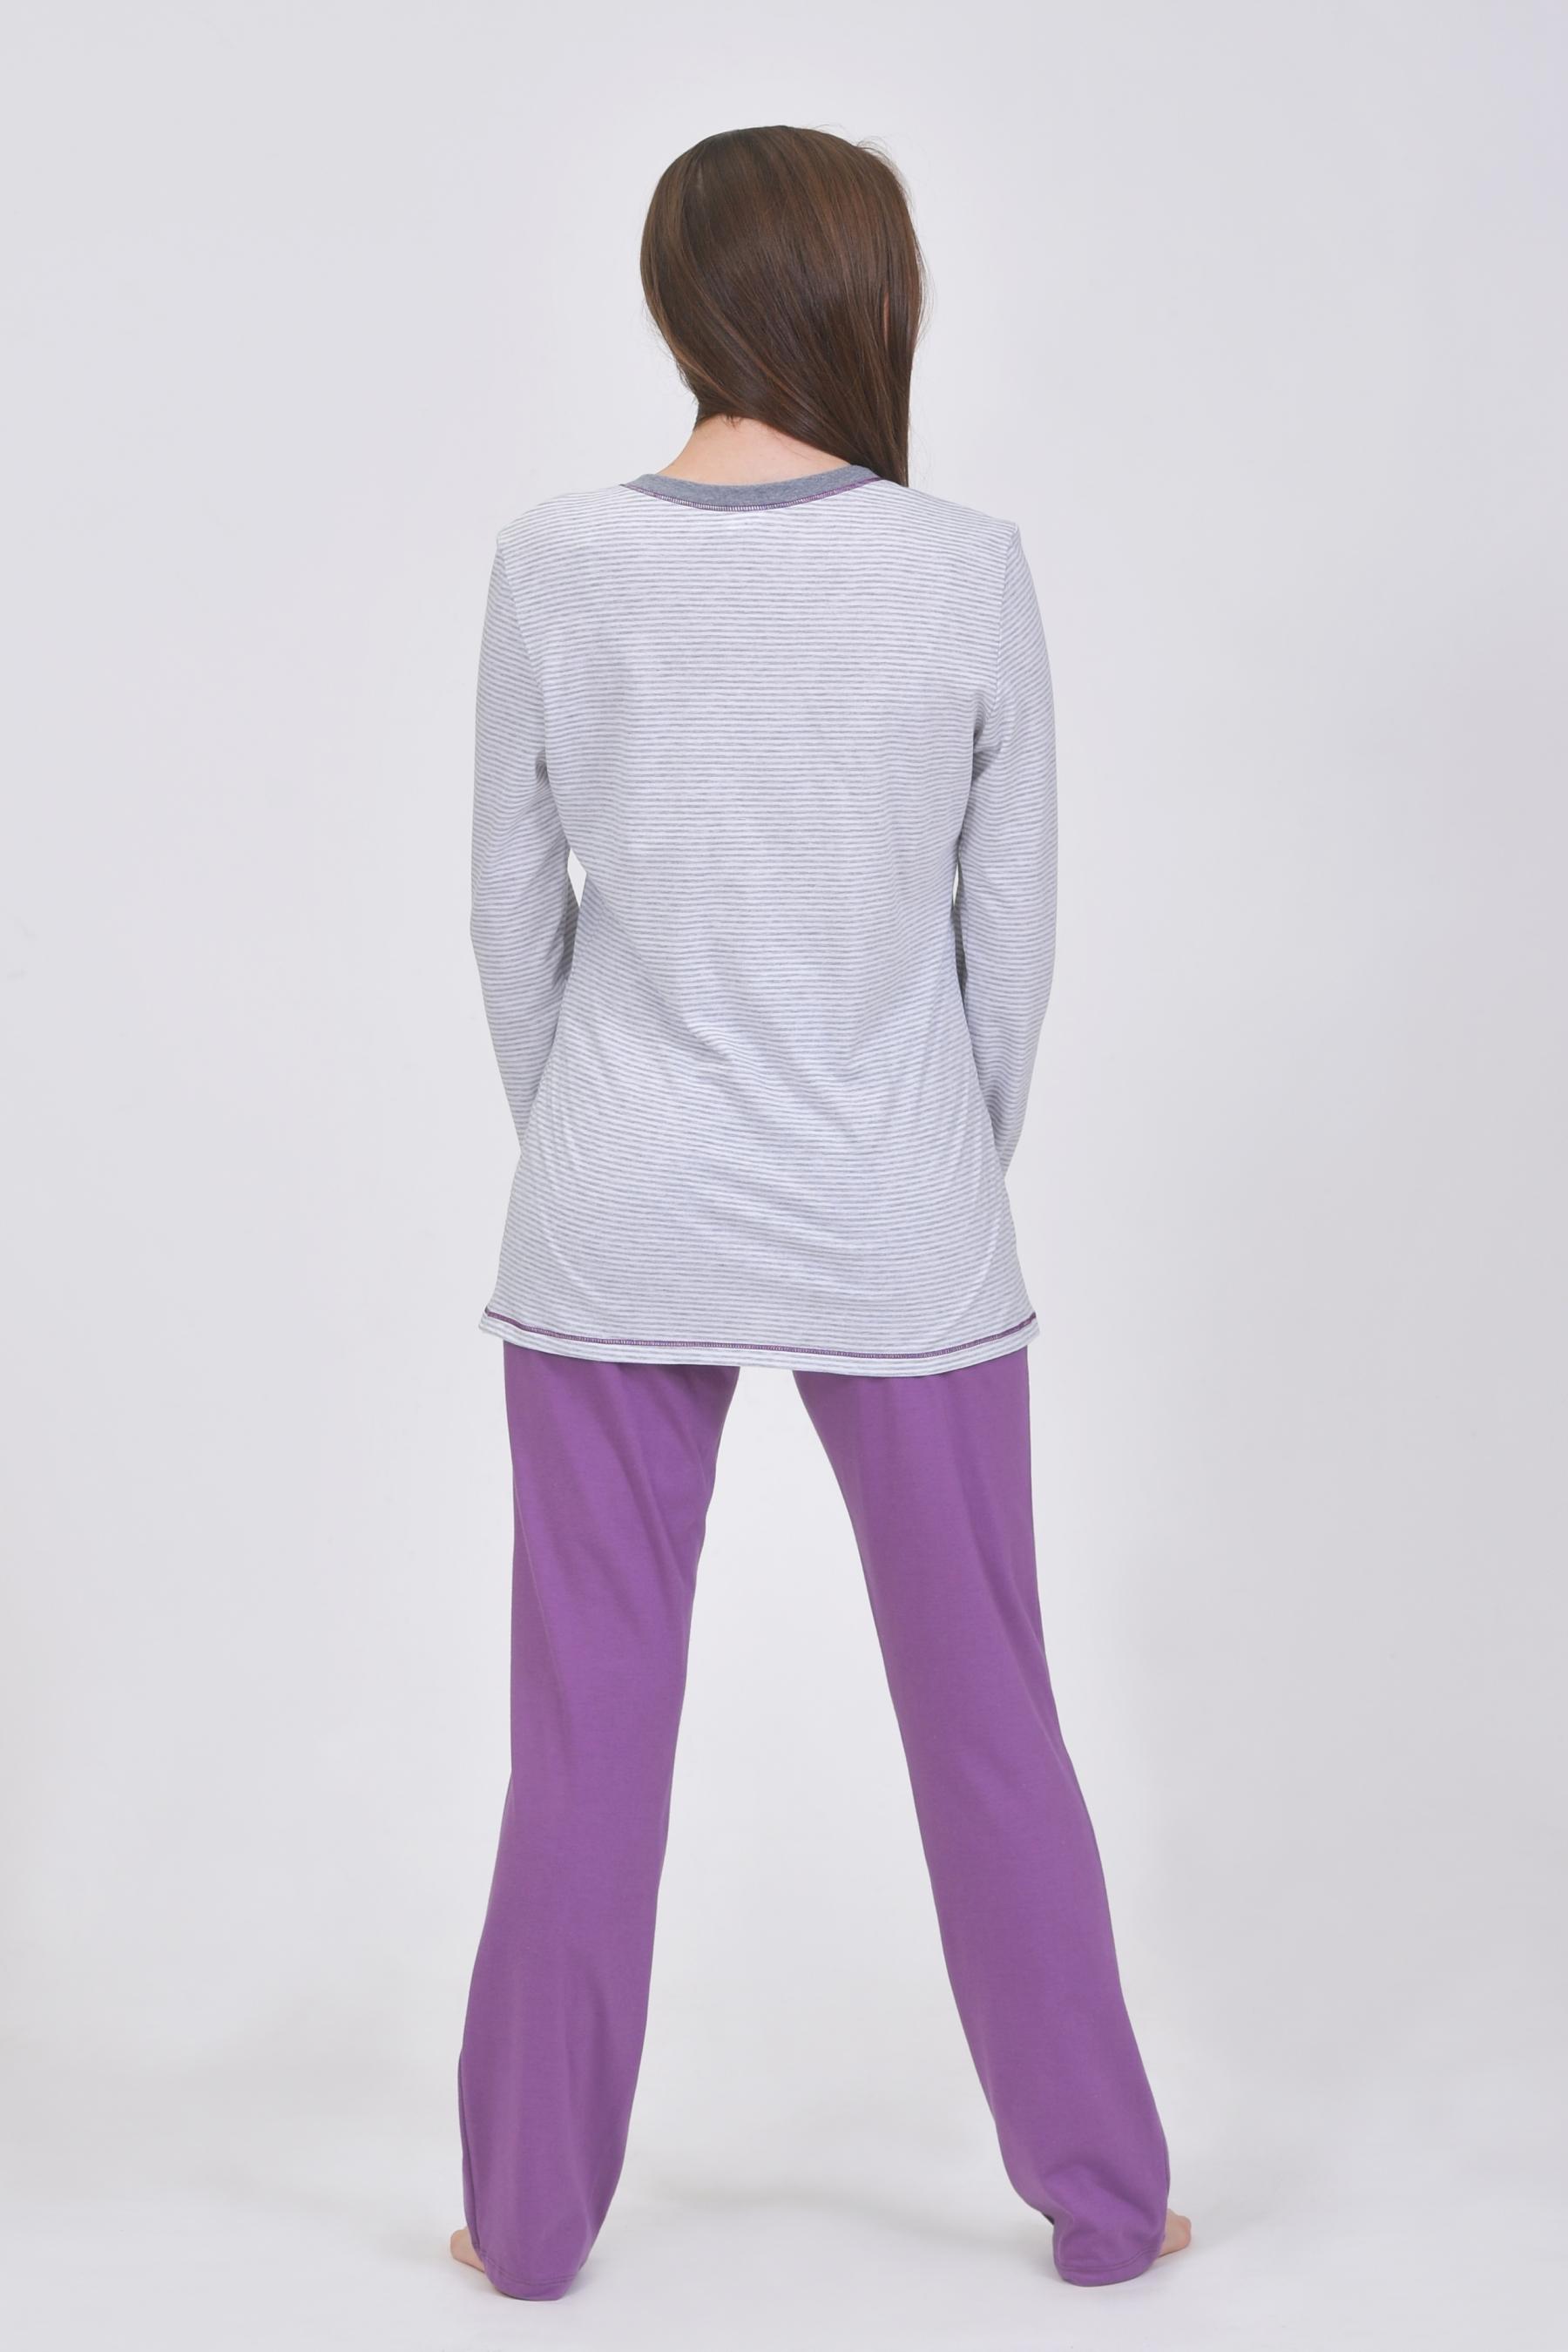 260a5ad14e89 Dámske pyžamo dlhé - 164480 - € 41